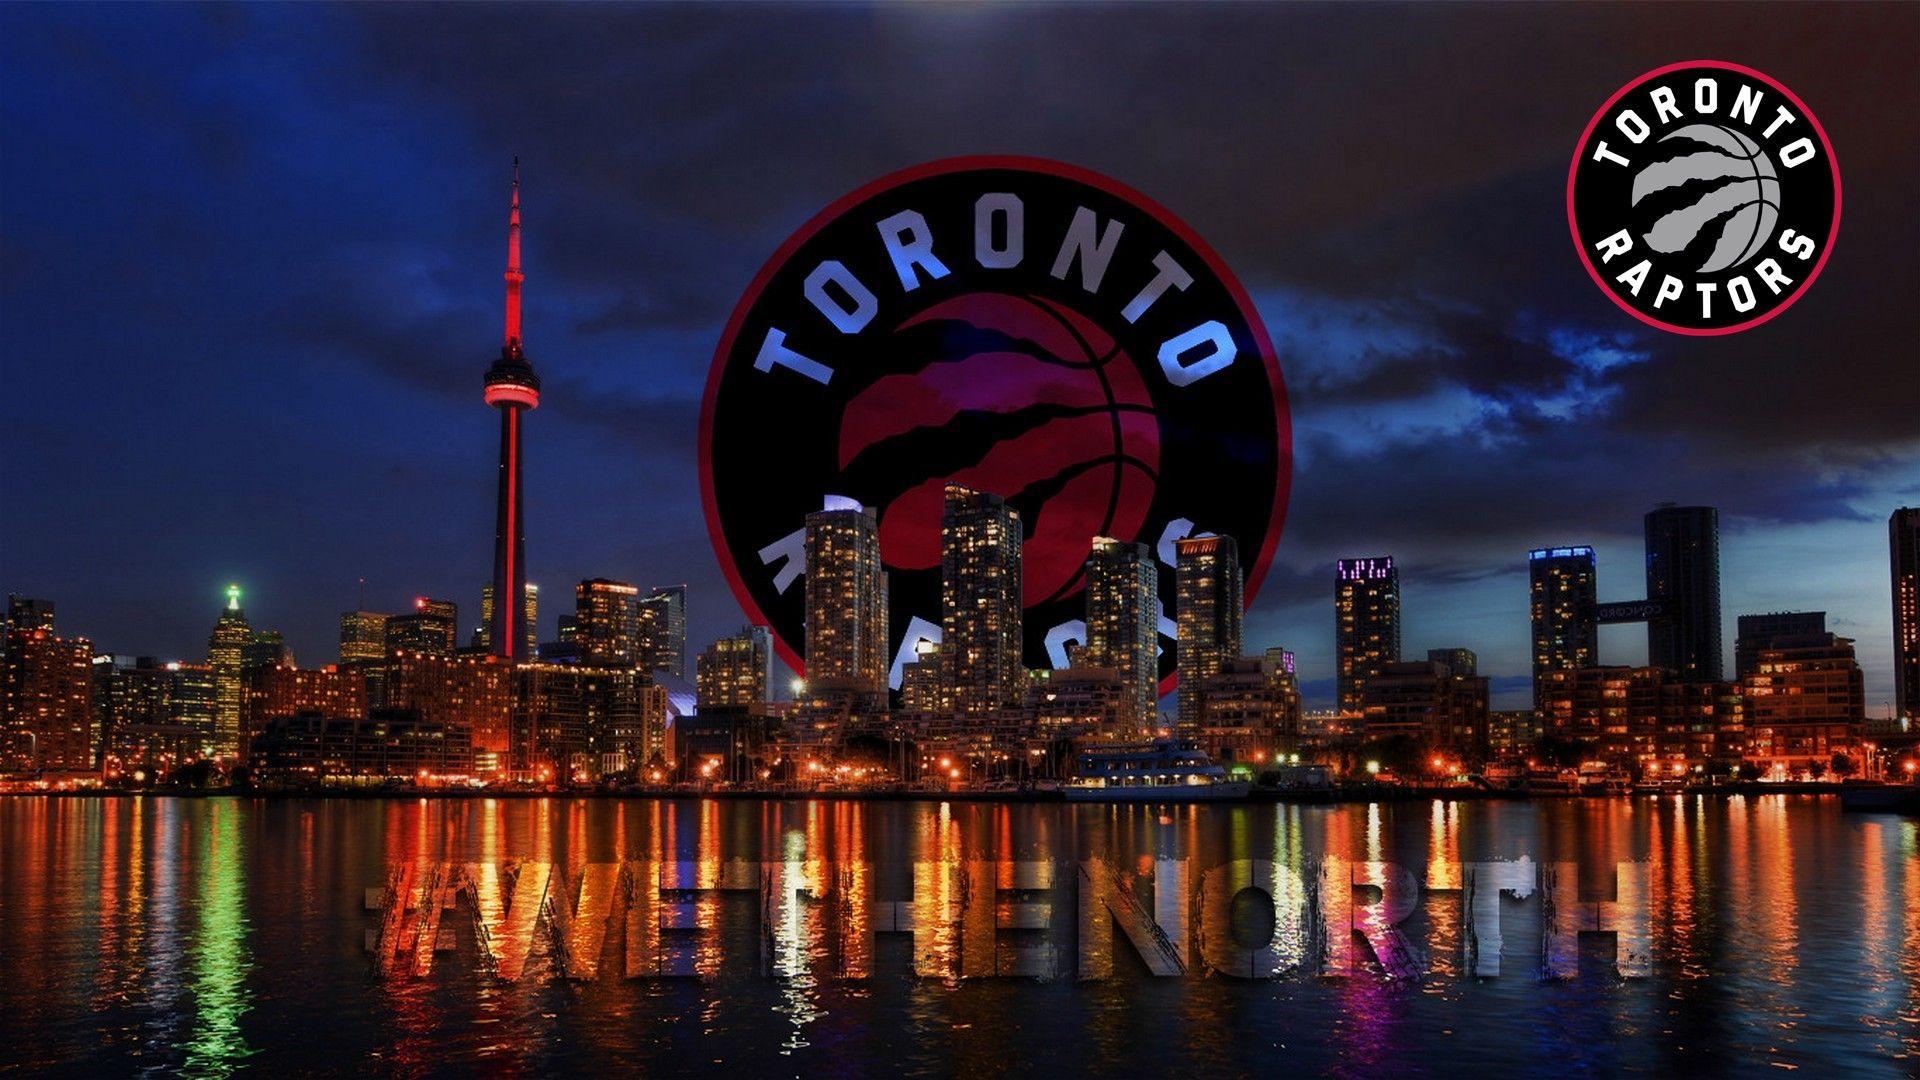 Hd Toronto Raptors Wallpapers Raptors Wallpaper Basketball Wallpaper Toronto Raptors